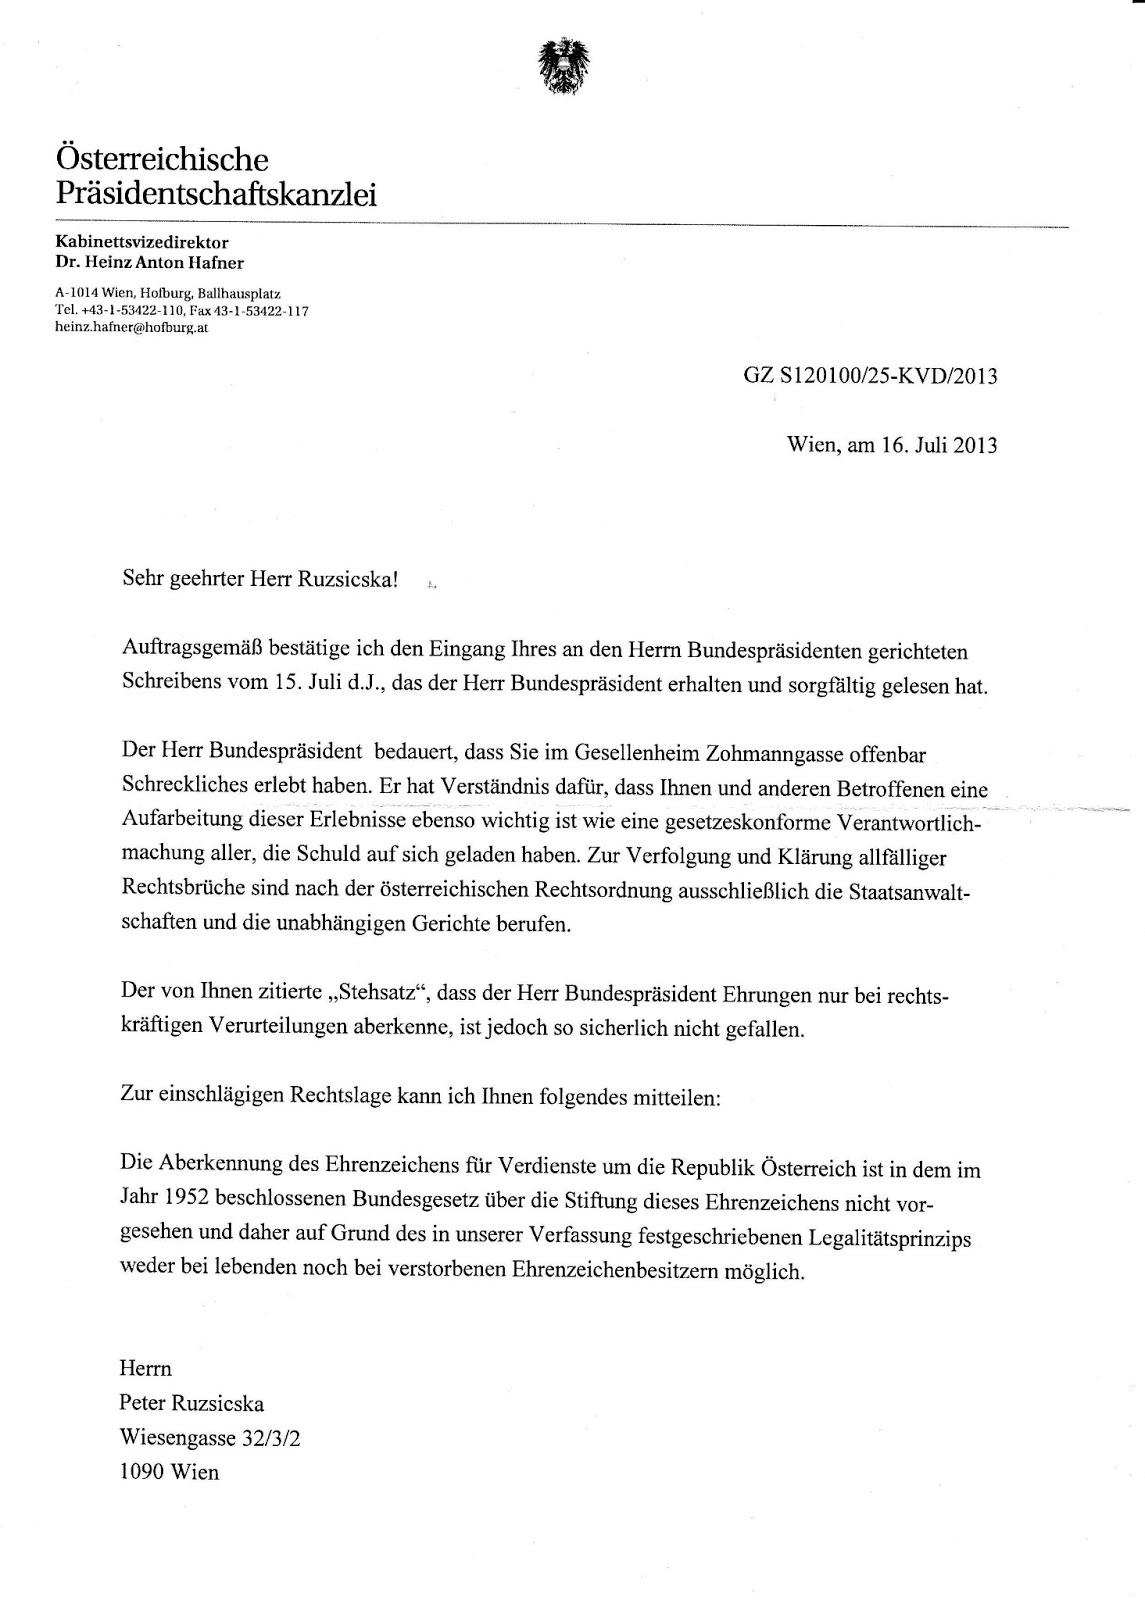 Niedlich Unabhängige Auftragnehmer Vorlage Zeitgenössisch - Entry ...